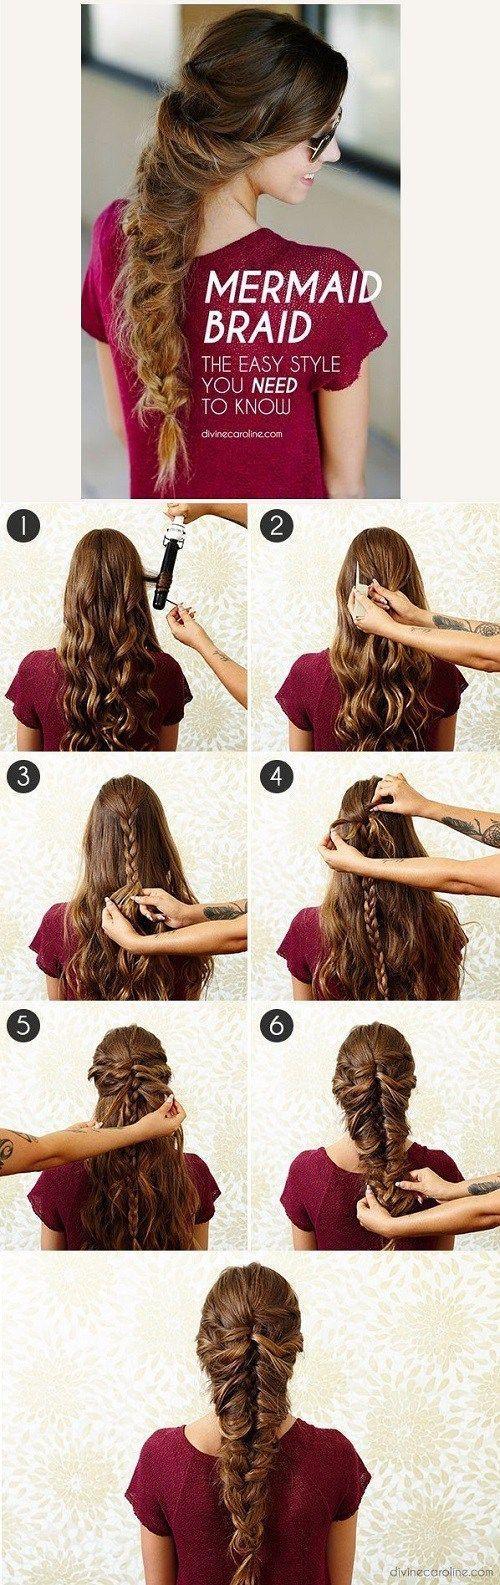 best cabelos hair images on pinterest pixie cuts shorter